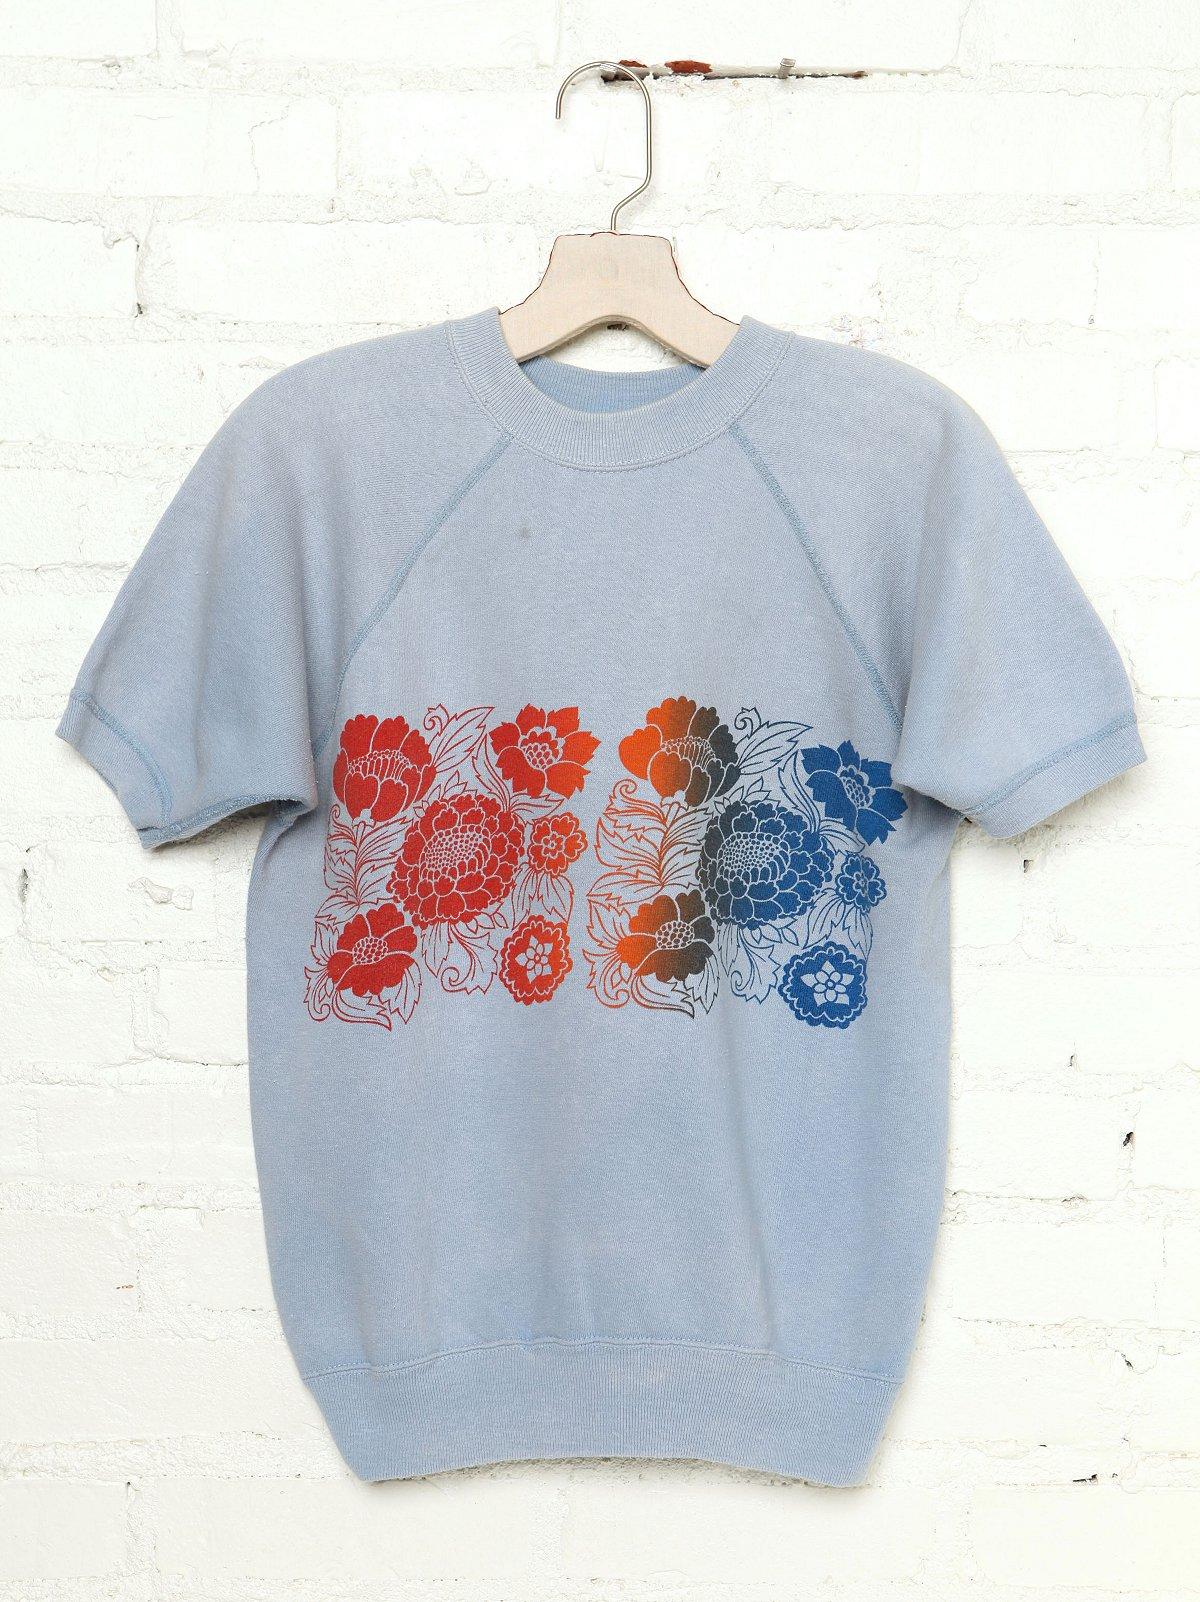 Vintage Floral Sweatshirt